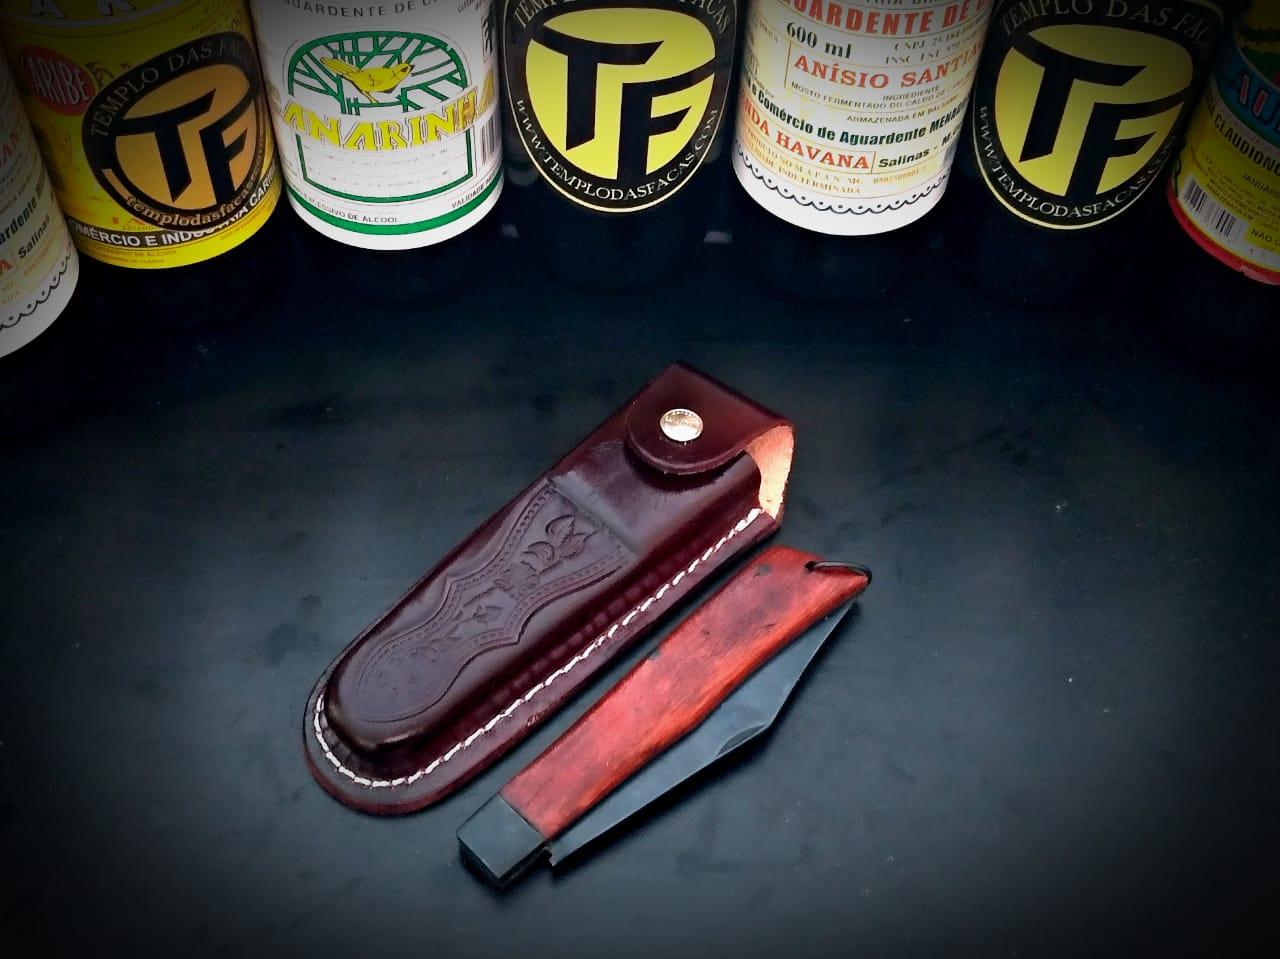 Canivete artesanal em aço carbono e cabo Conduru de sangue